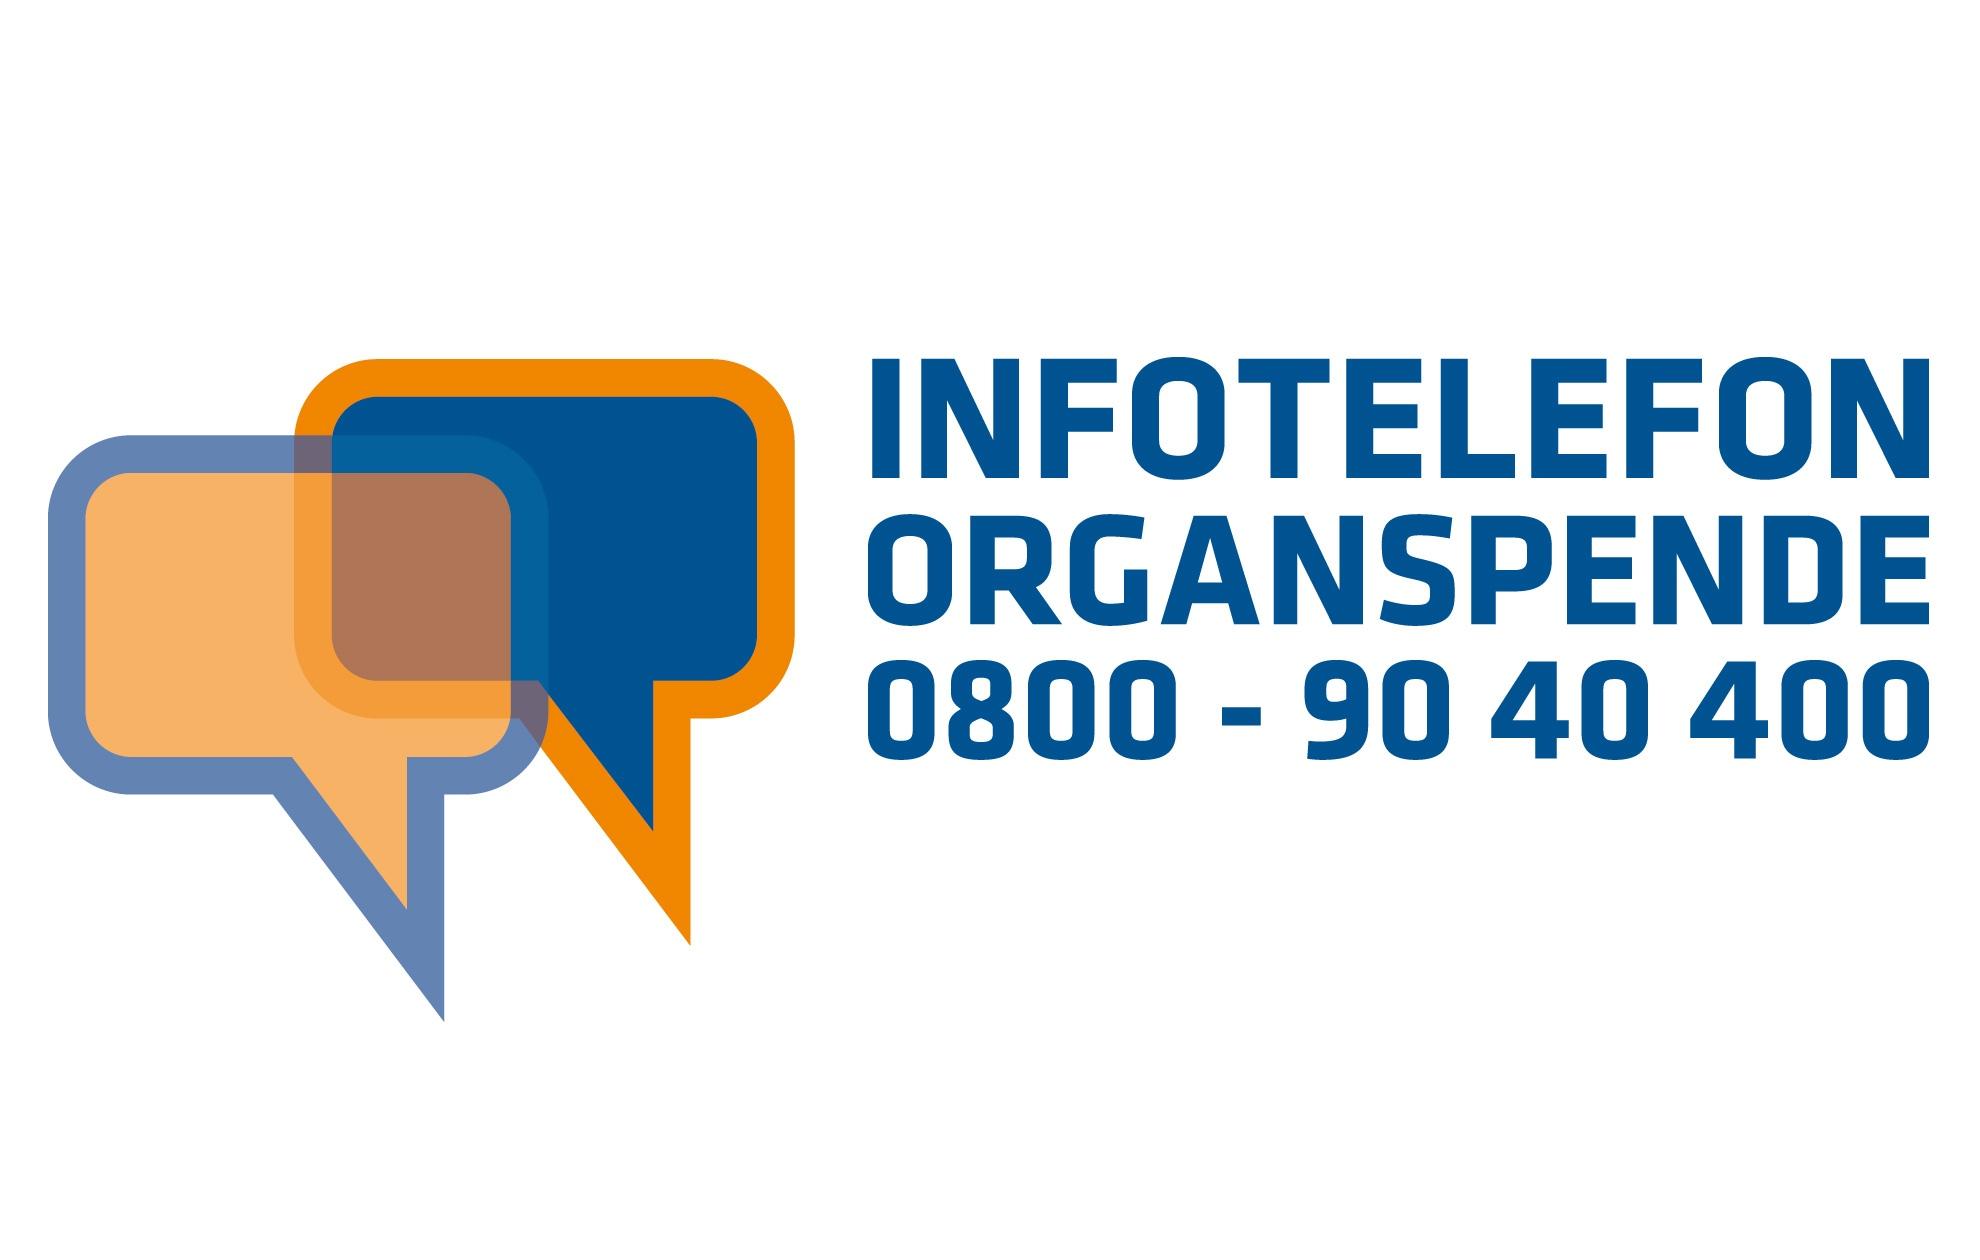 Markenzeichen Infotelefon Organspende